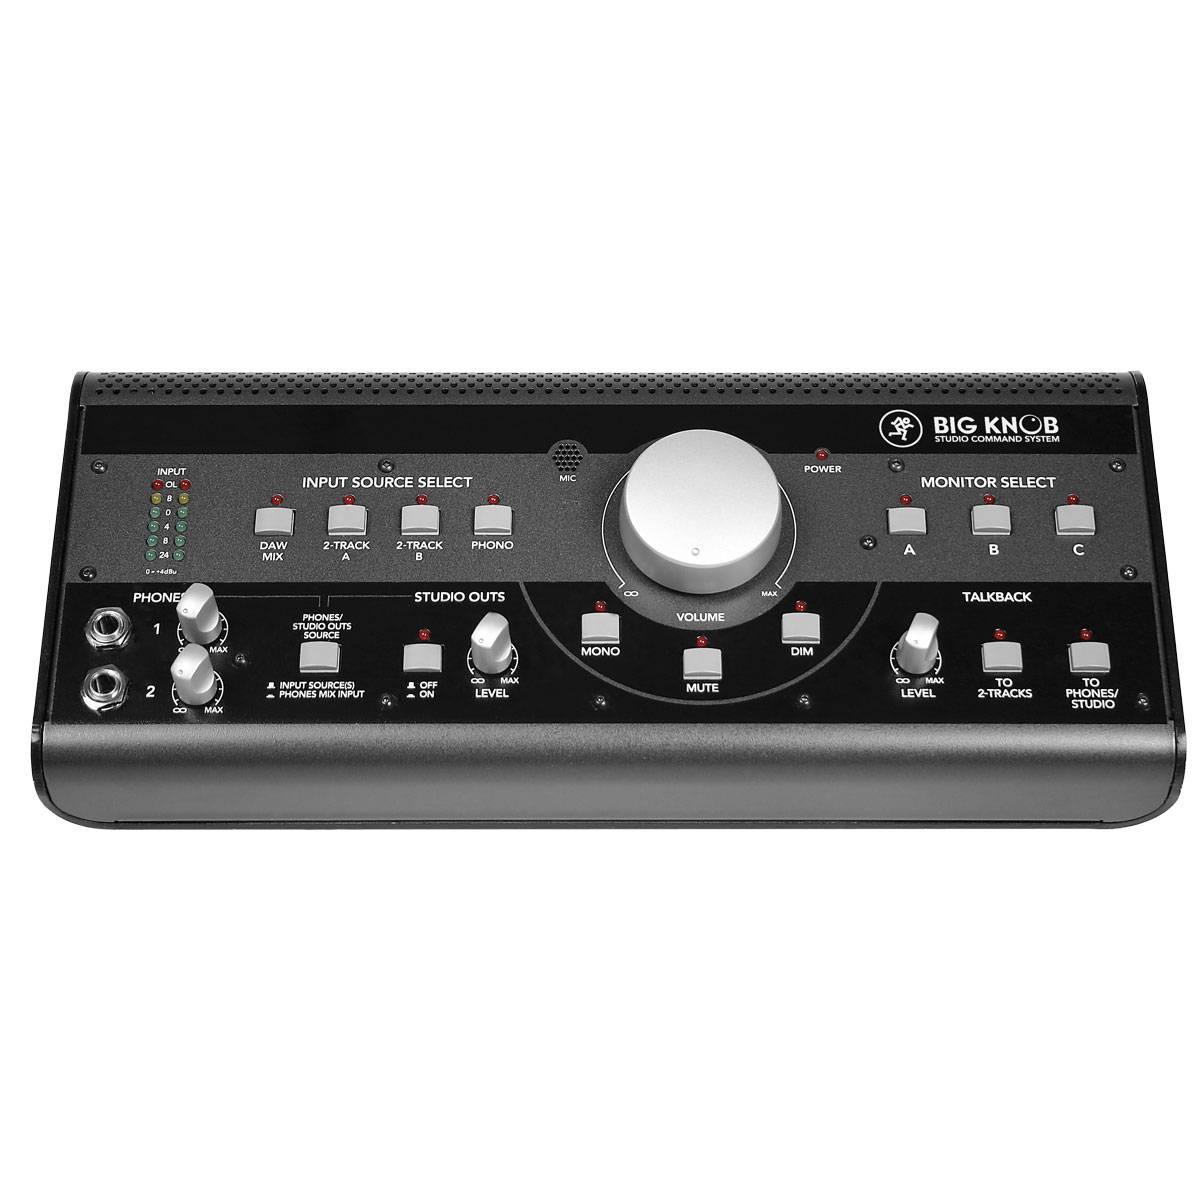 mackie big knob desktop studio command system. Black Bedroom Furniture Sets. Home Design Ideas